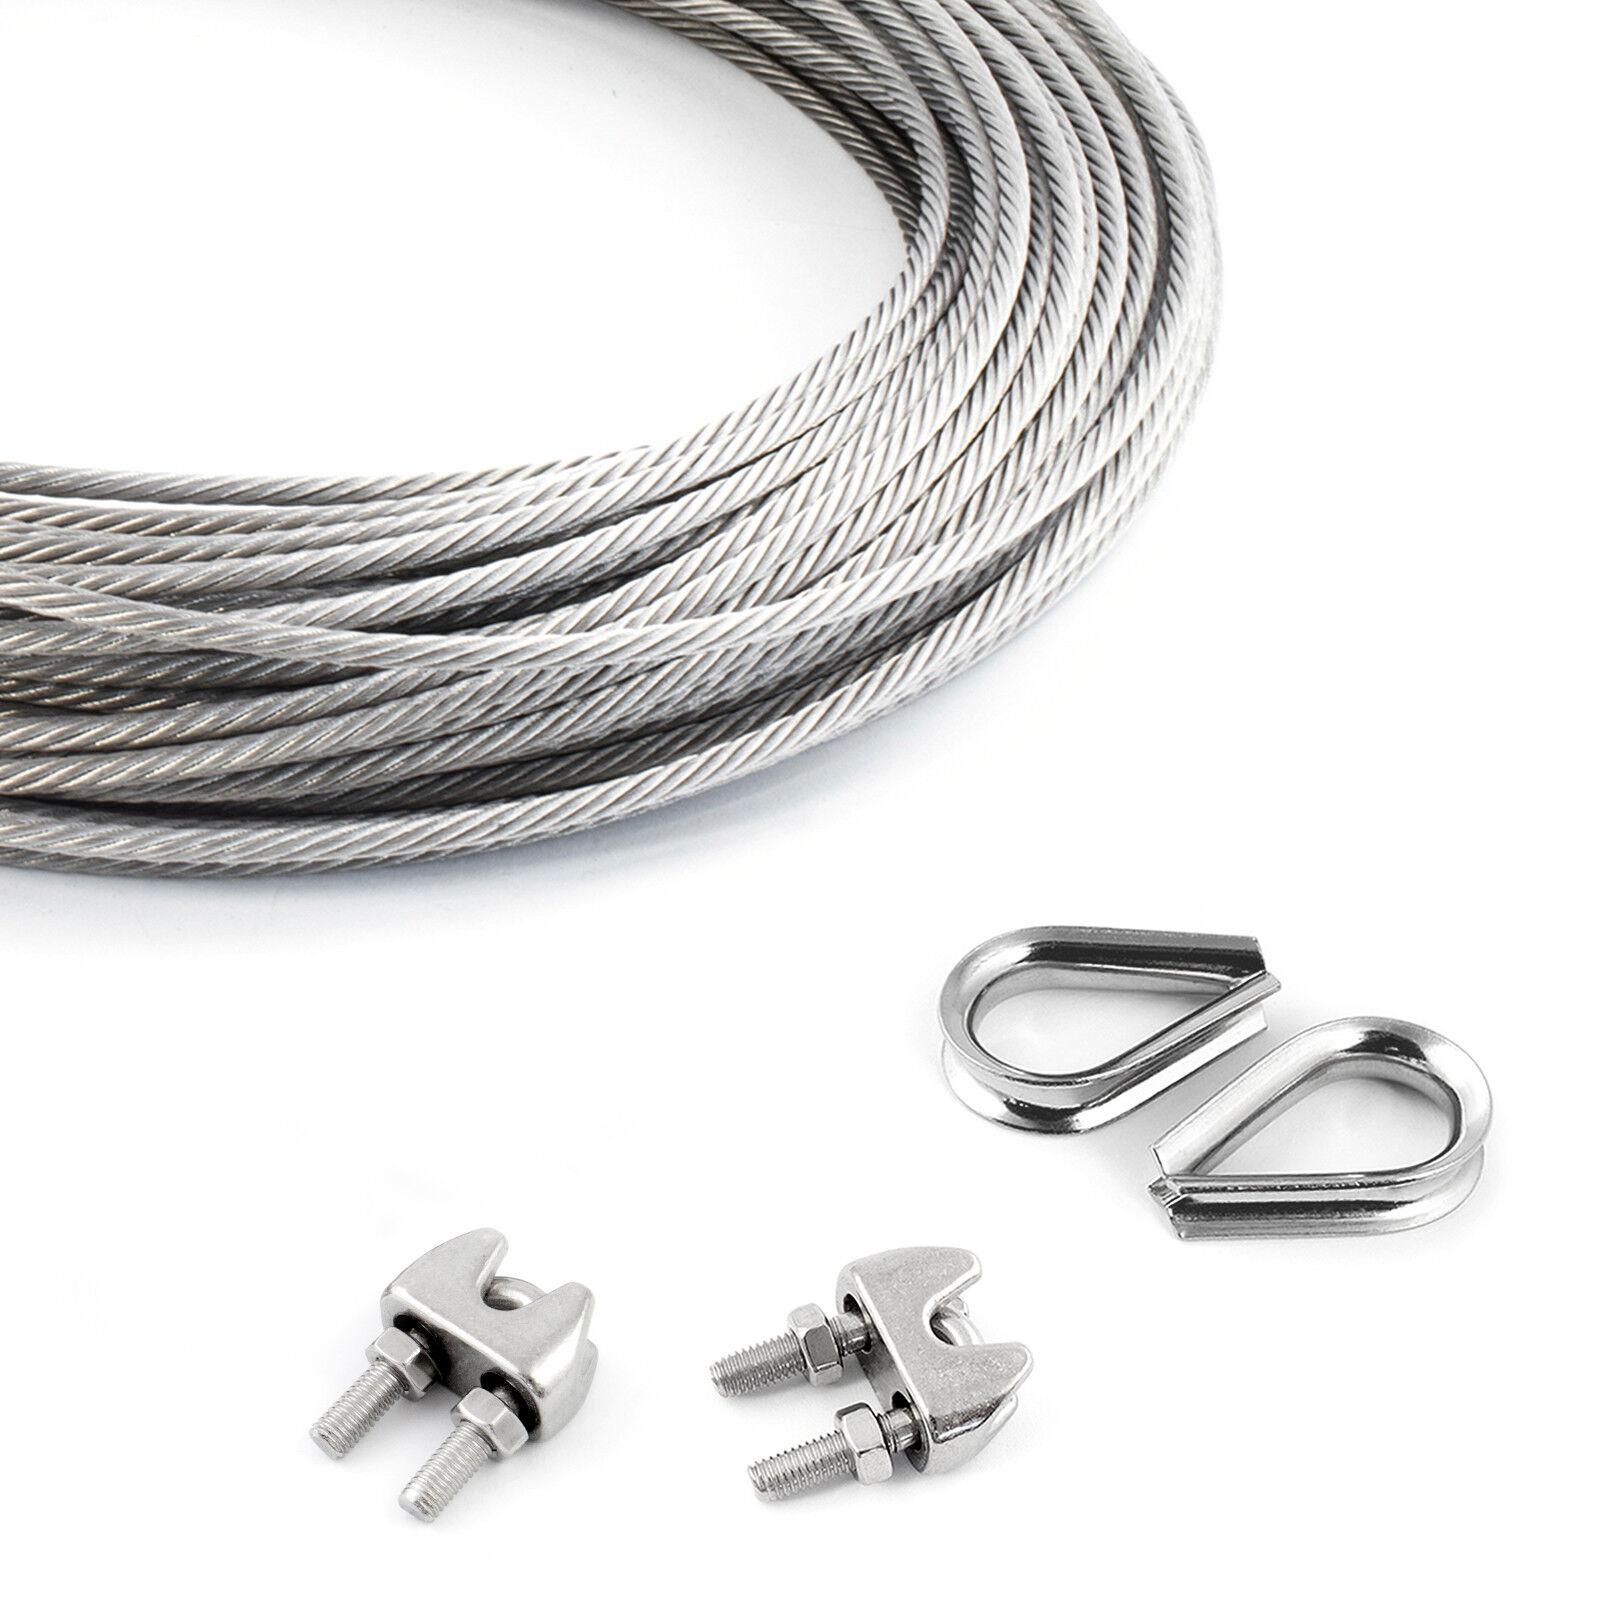 DRAHTSEIL EDELSTAHL 5m - 200m + 2 Klemmen + 2 Kauschen Edel Stahlseil V4A Stahl